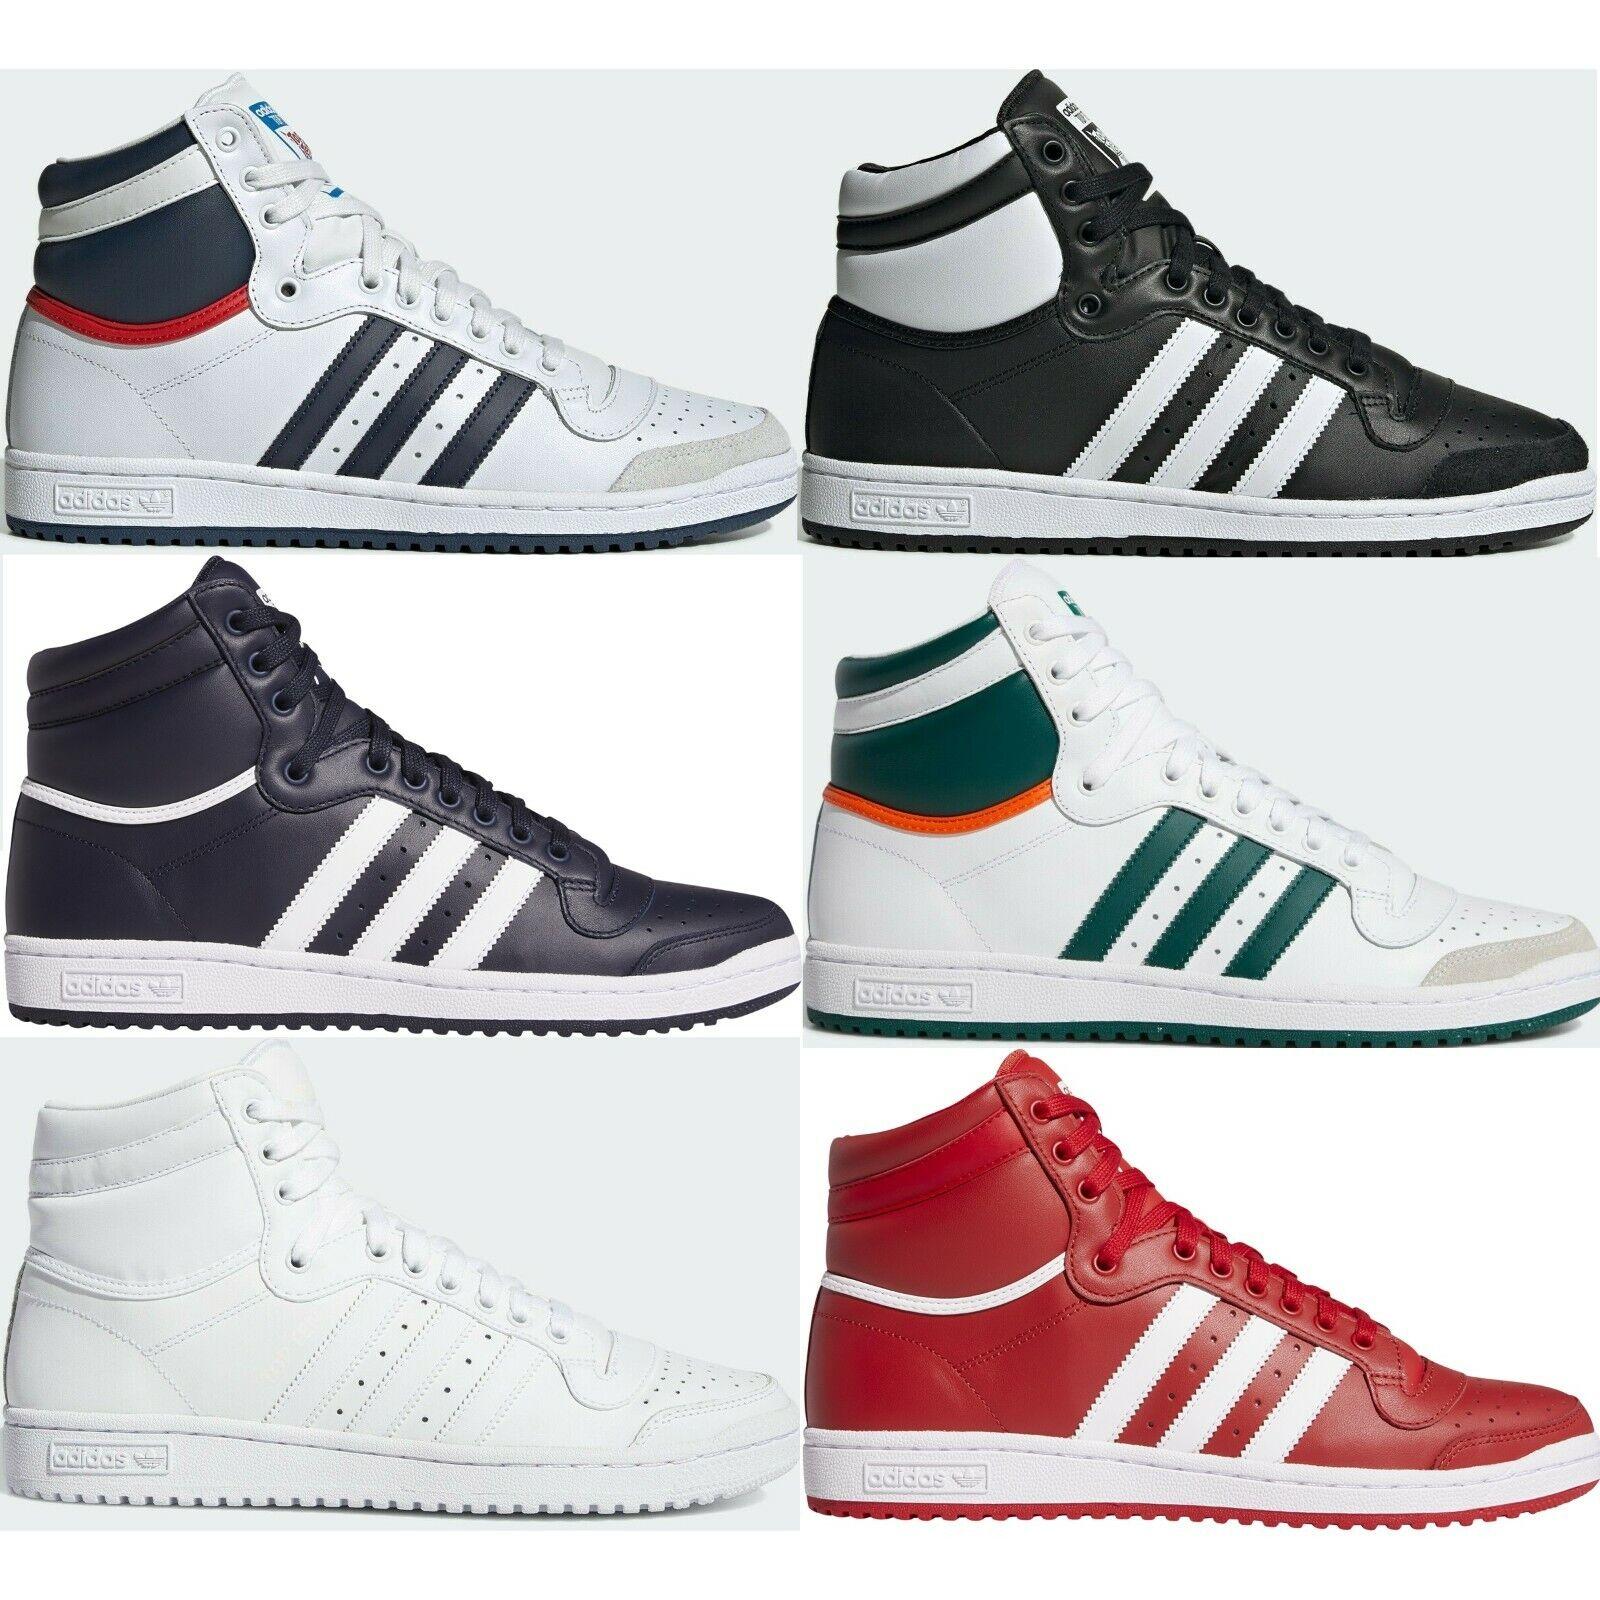 Adidas Originals Top Ten Hi Sneakers Men's Lifestyle Comfy Shoes